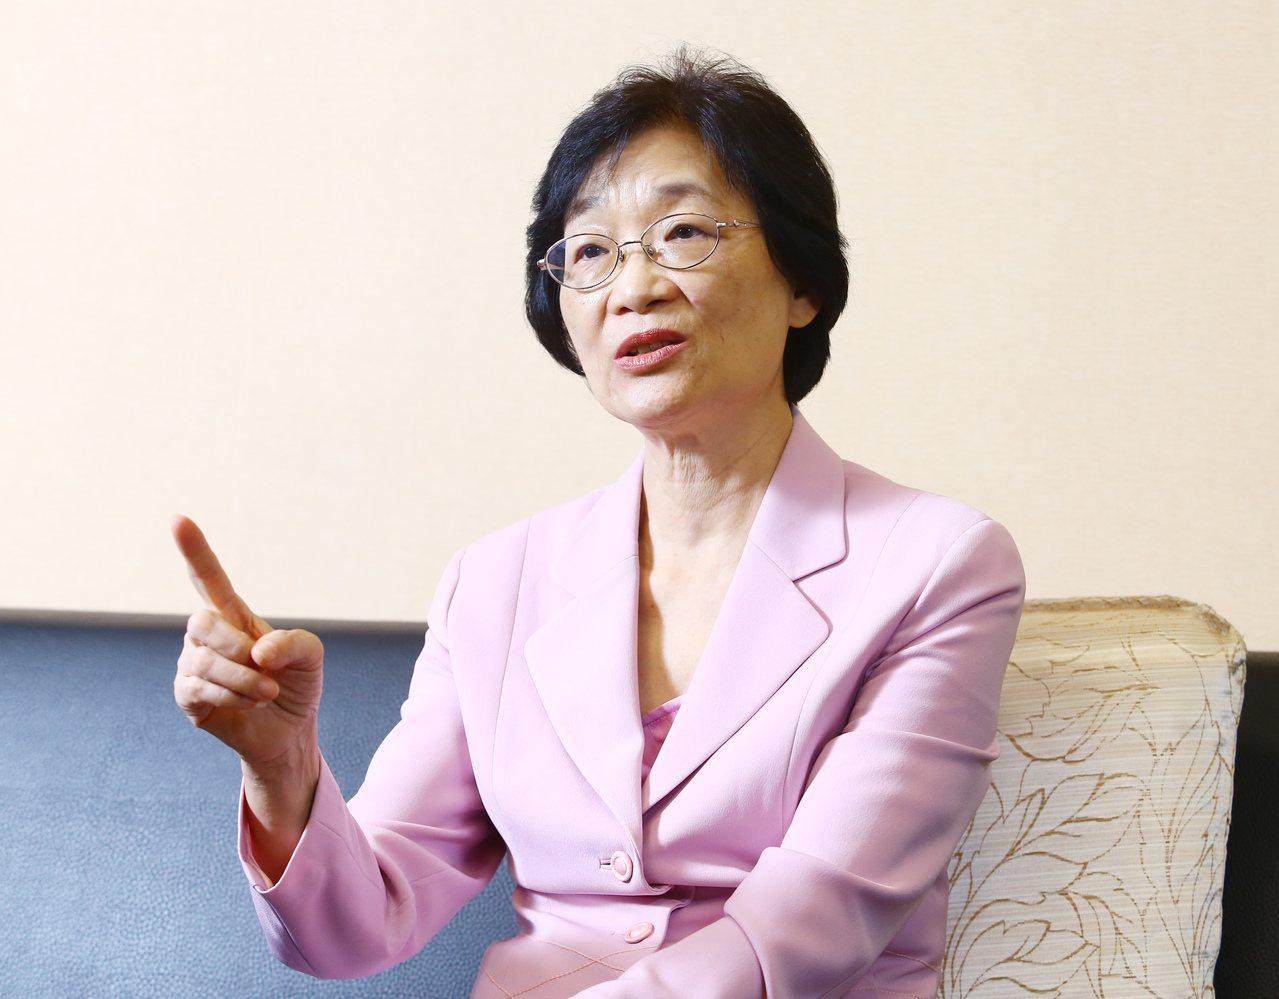 王清峰多年來到許多落後國家協助改善生活品質,雖然很累,但卻讓她相當有成就感。記者...